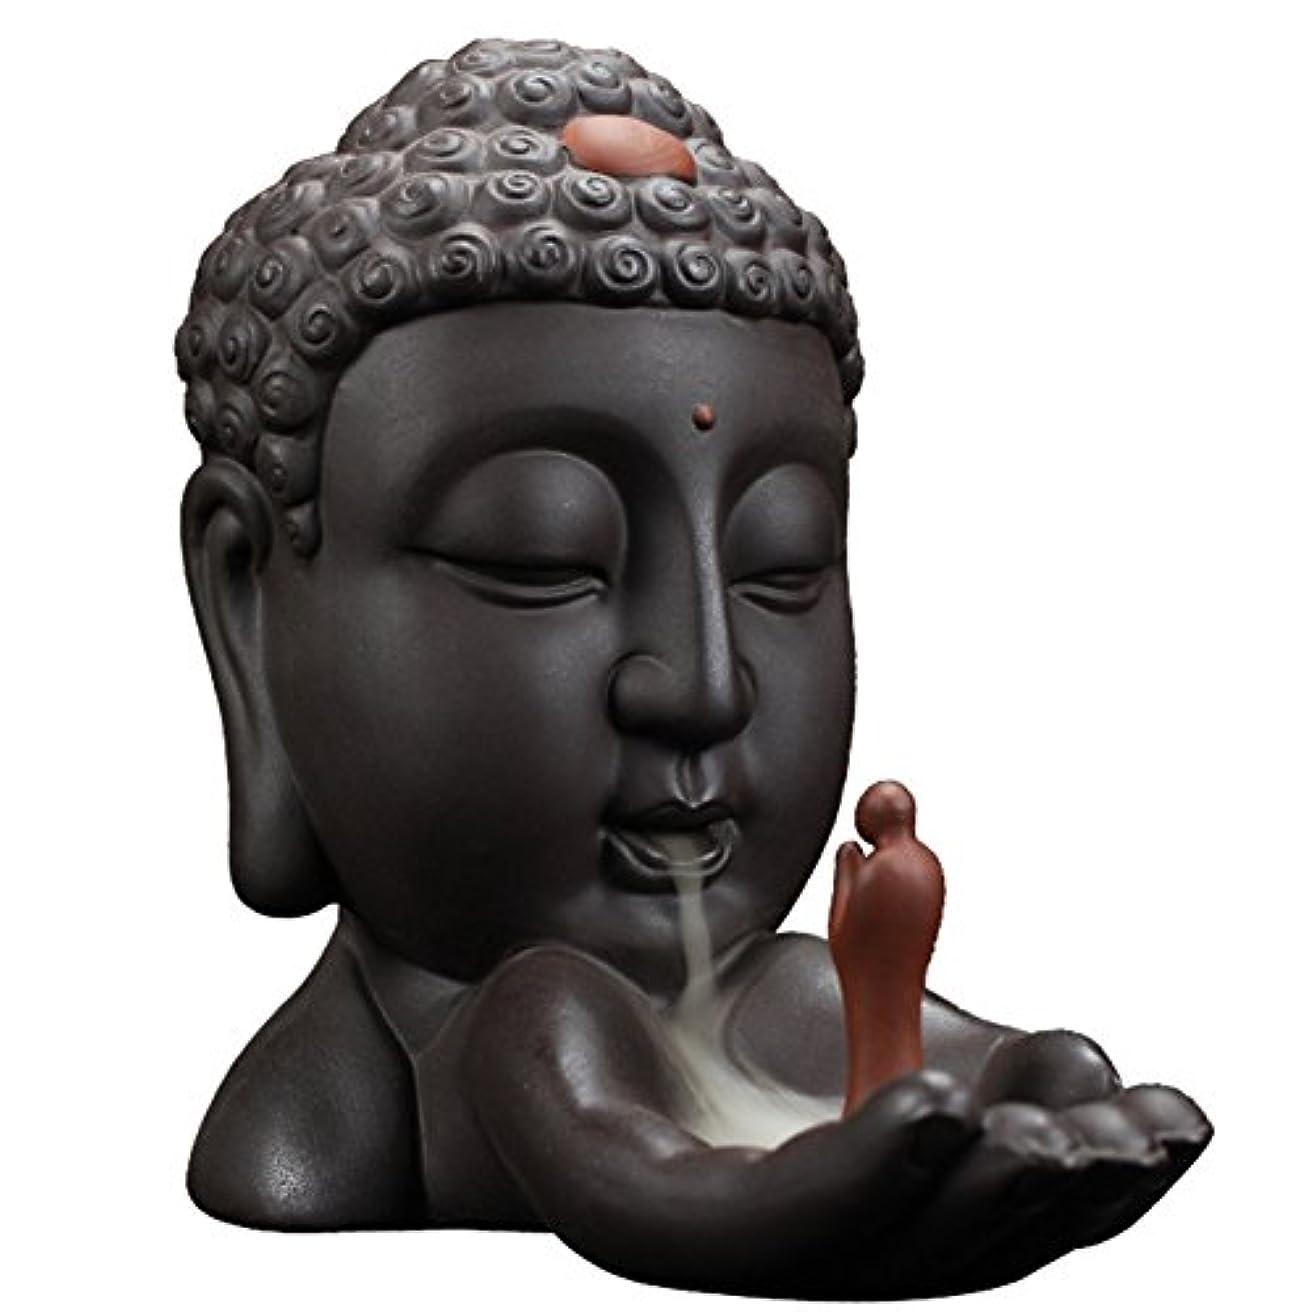 ピッチ効能パーツBackflow Incense Burnerクリエイティブホーム装飾セラミックBuddha Incense Holder Buddhist Censerギフト